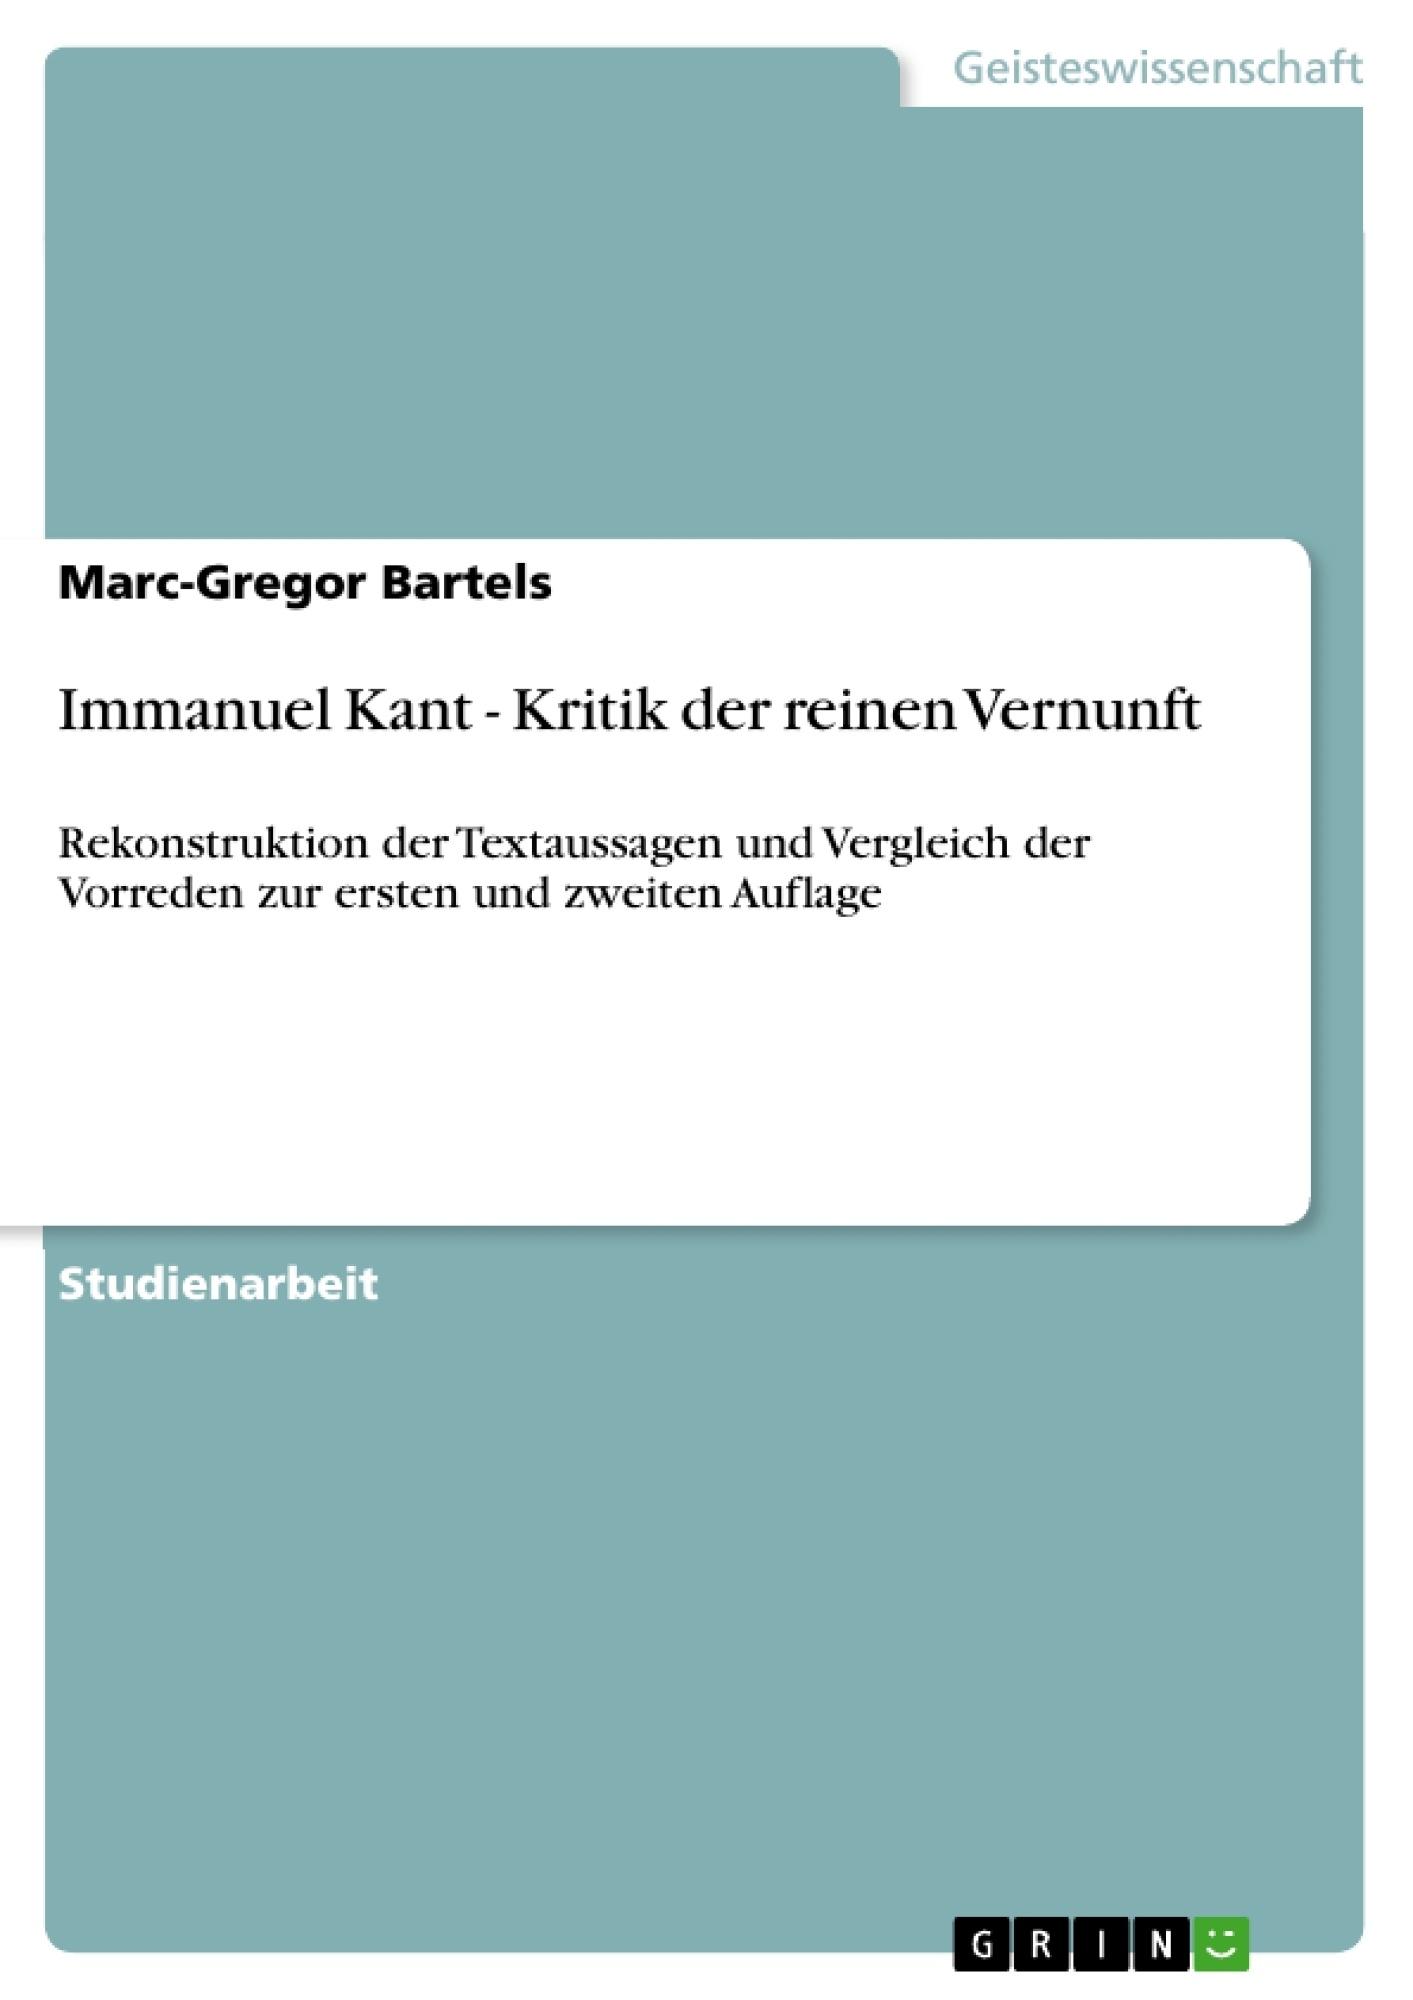 Titel: Immanuel Kant - Kritik der reinen Vernunft